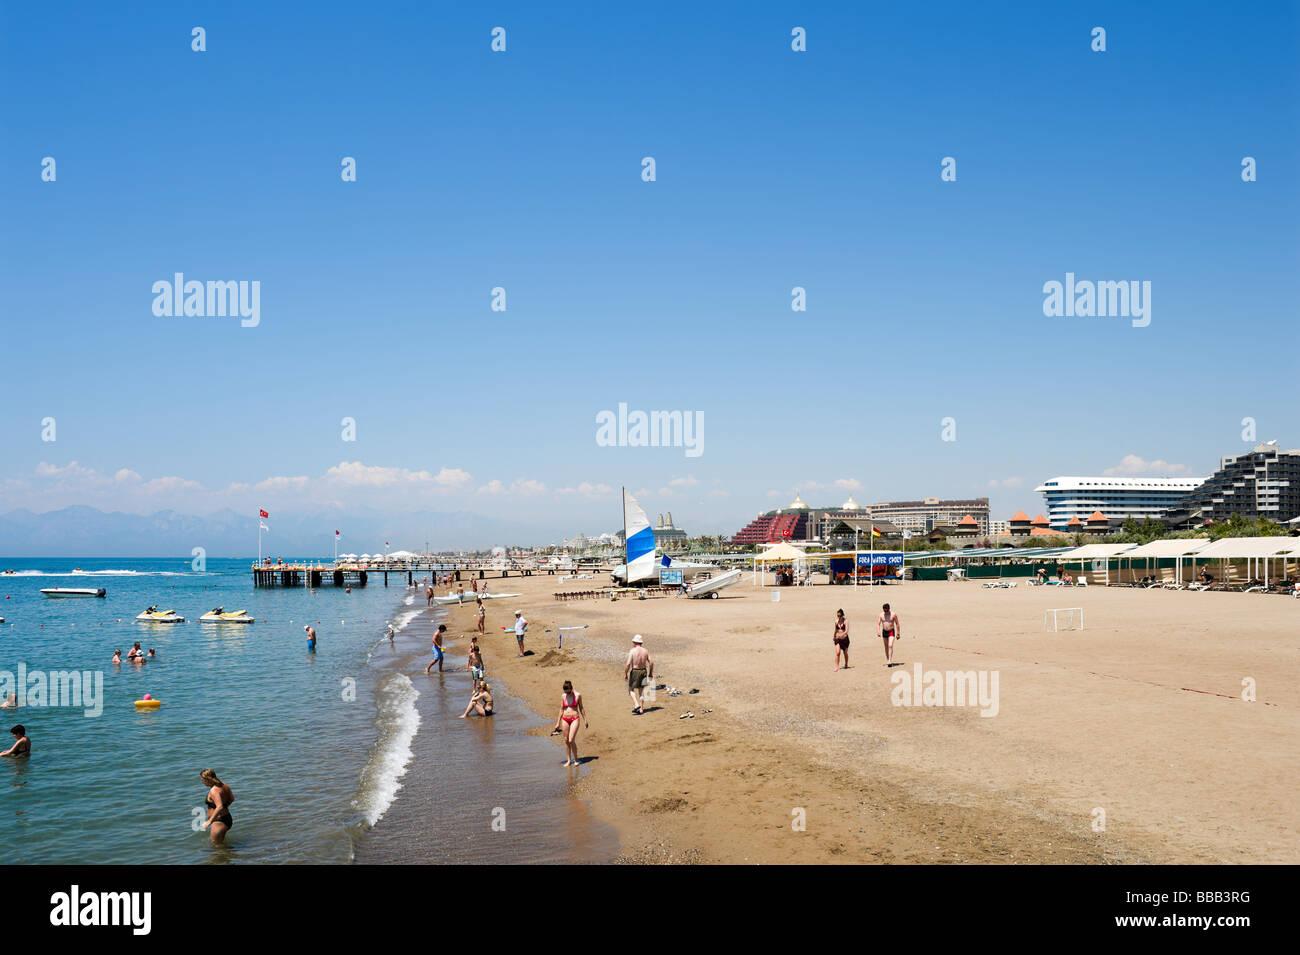 Fuera de la playa, el Hotel Royal Wings Lara Beach, cerca de la costa mediterránea, Antalya, Turquía Imagen De Stock